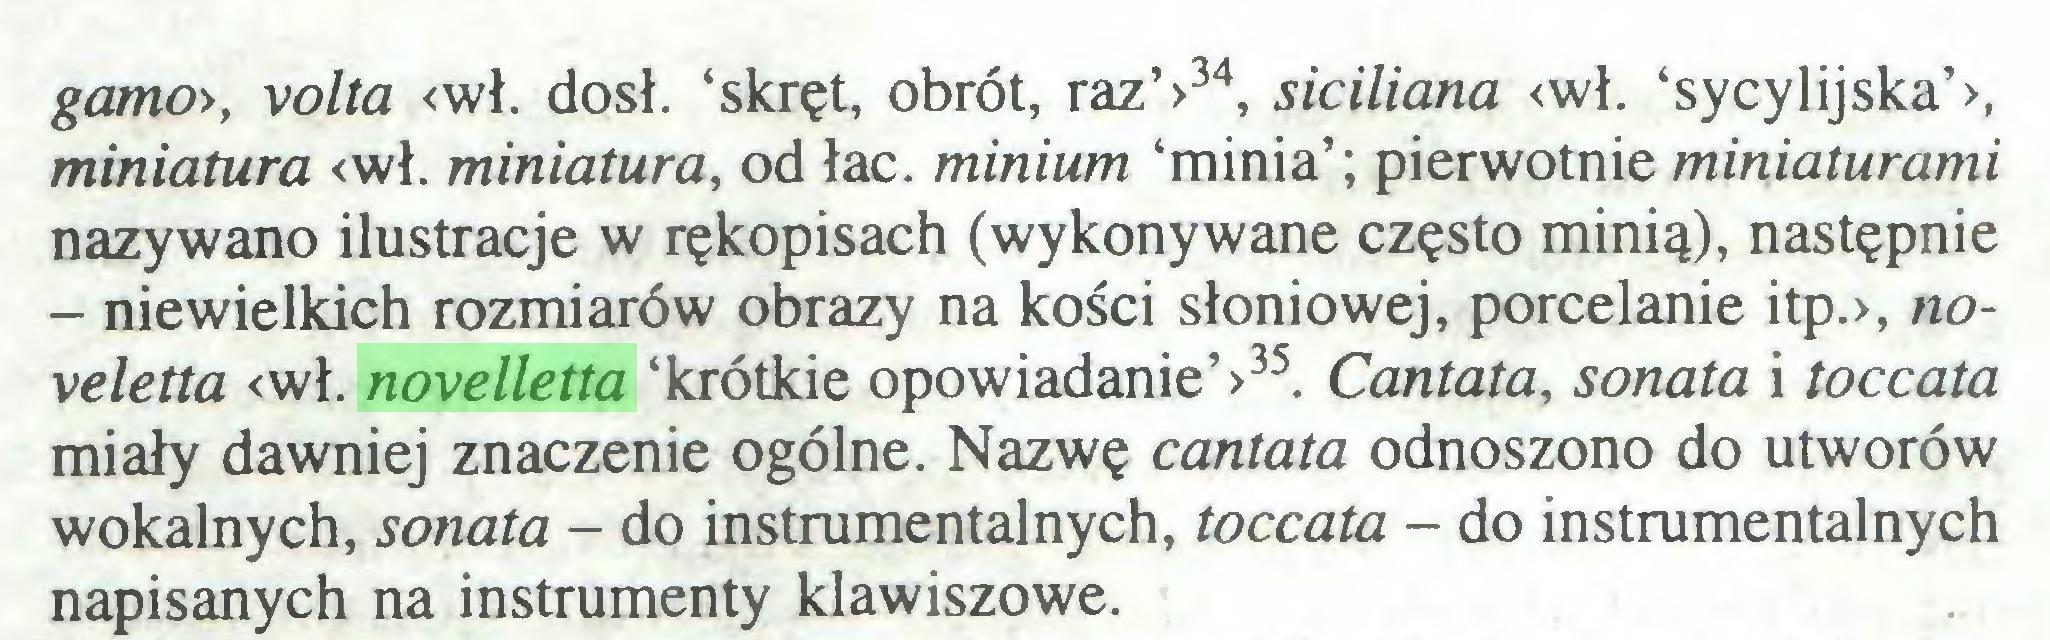 (...) gante», volta <wł. dosł. 'skręt, obrót, raz'>34, siciliana <wł. 'sycylijska'>, miniatura <wł. miniatura, od łac. minium 'minia'; pierwotnie miniaturami nazywano ilustracje w rękopisach (wykonywane często minią), następnie - niewielkich rozmiarów obrazy na kości słoniowej, porcelanie itp.>, noveletta <wł. novelletta 'krótkie opowiadanie'>35. Cantata, sonata i toccata miały dawniej znaczenie ogólne. Nazwę cantata odnoszono do utworów wokalnych, sonata - do instrumentalnych, toccata - do instrumentalnych napisanych na instrumenty klawiszowe...